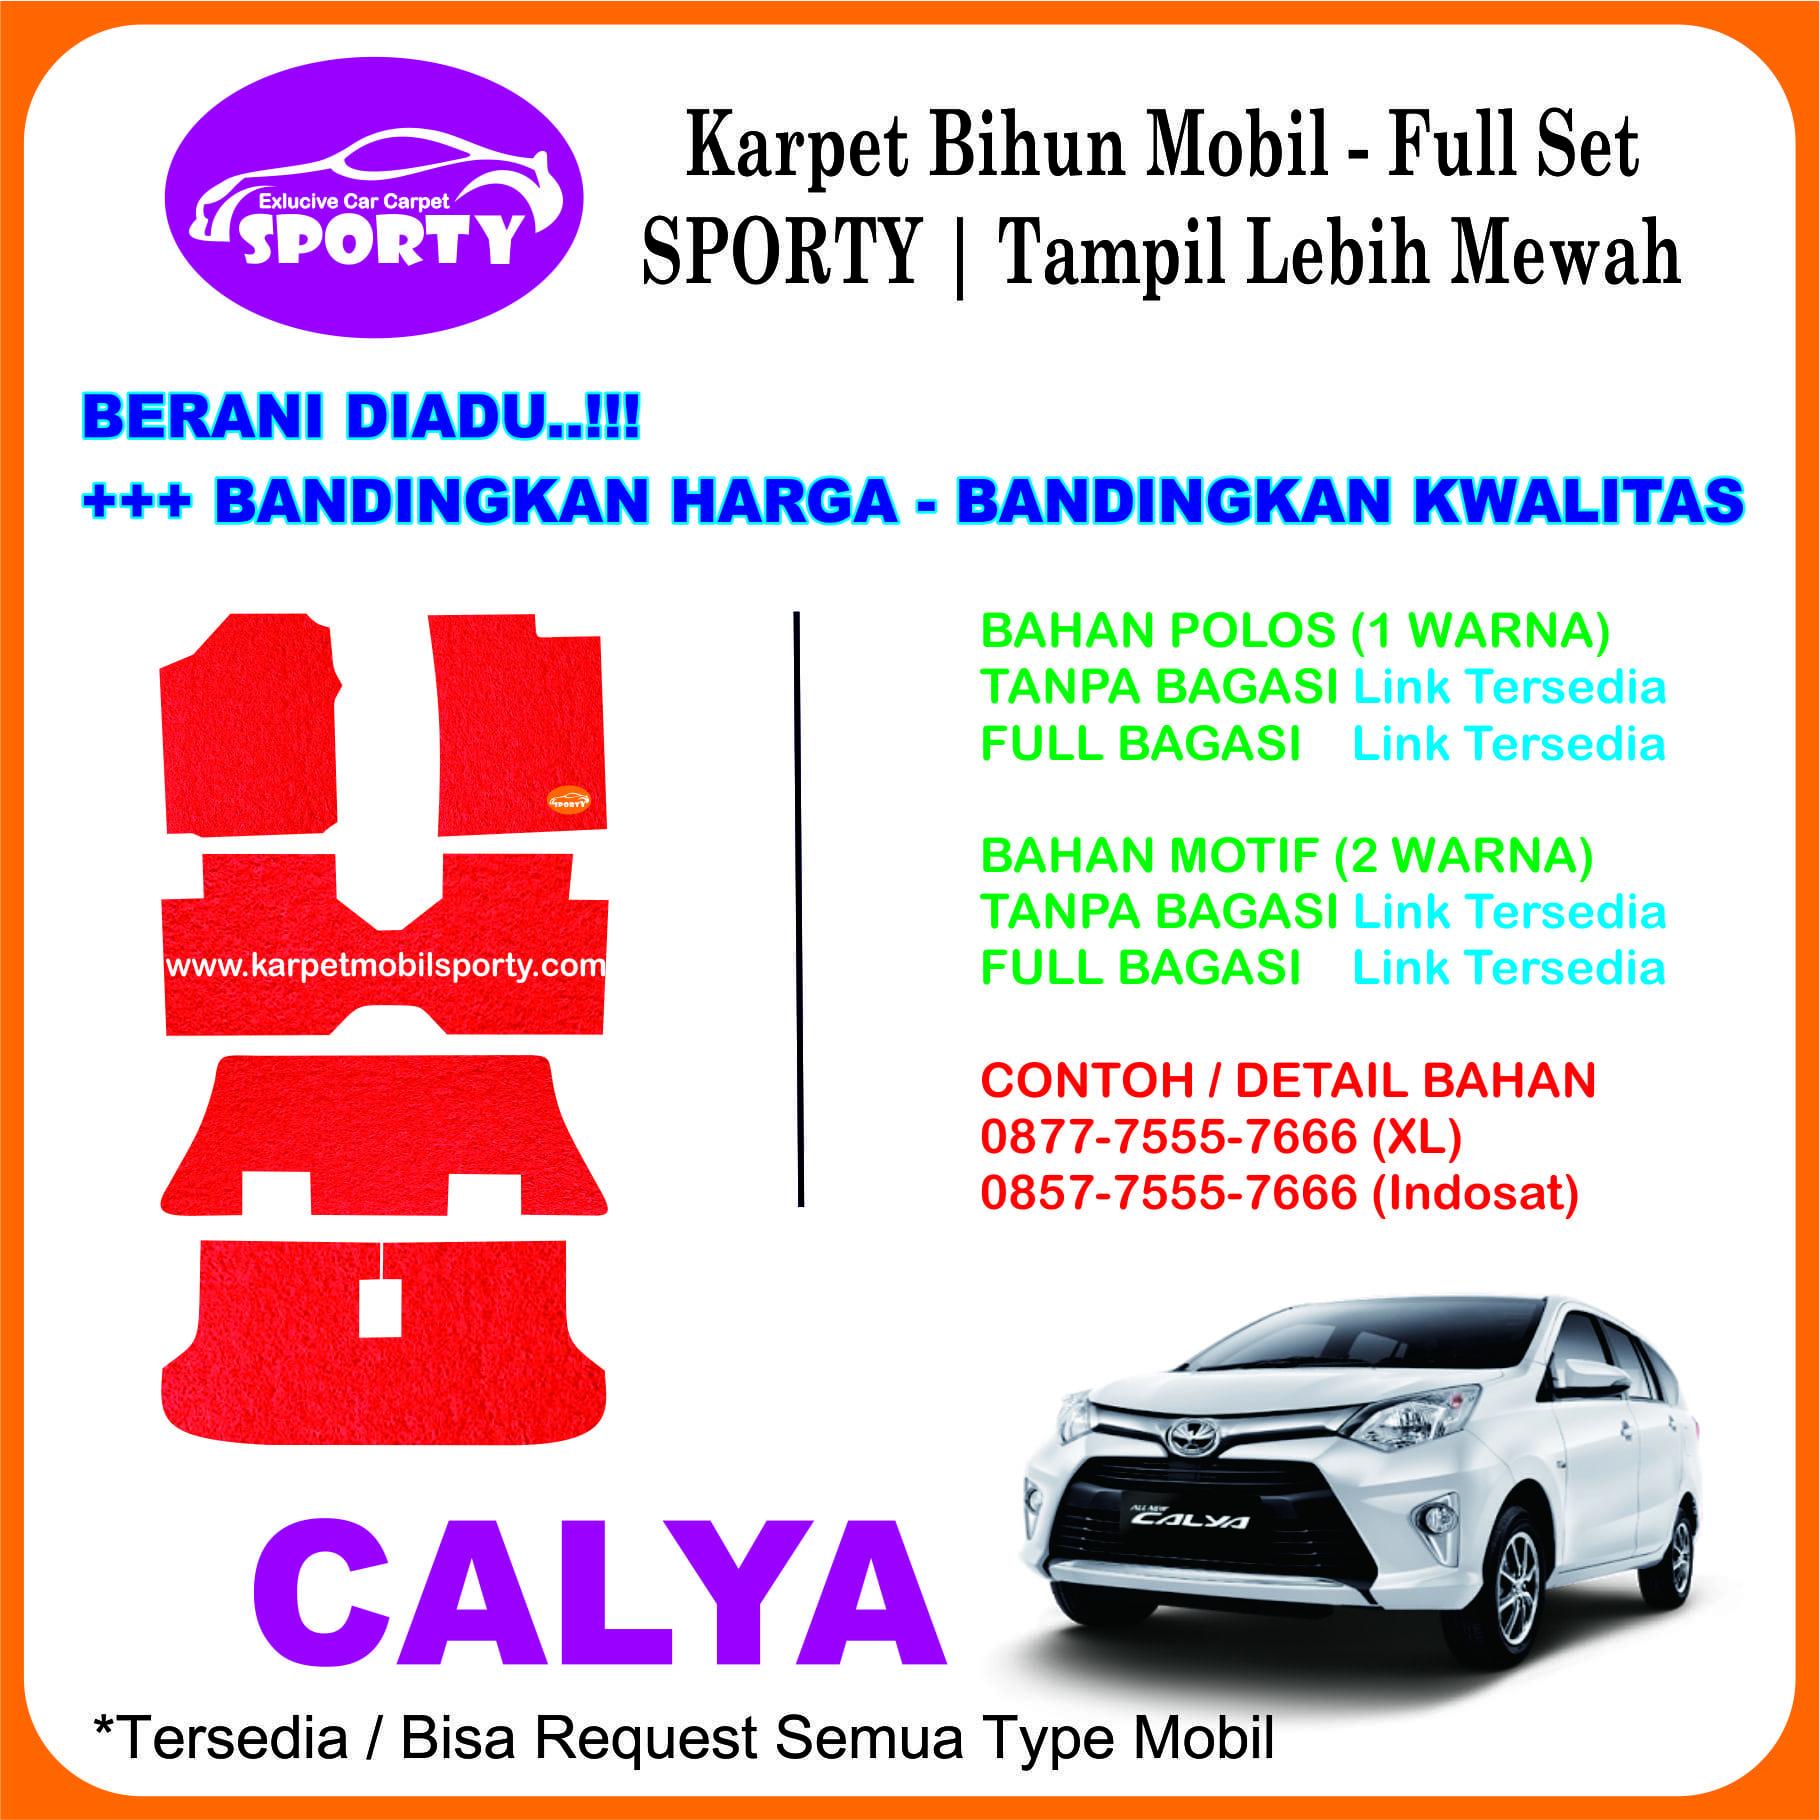 Karpet Mobil Mie Bihun CALYA Non Bagasi - Bahan 1 Warna